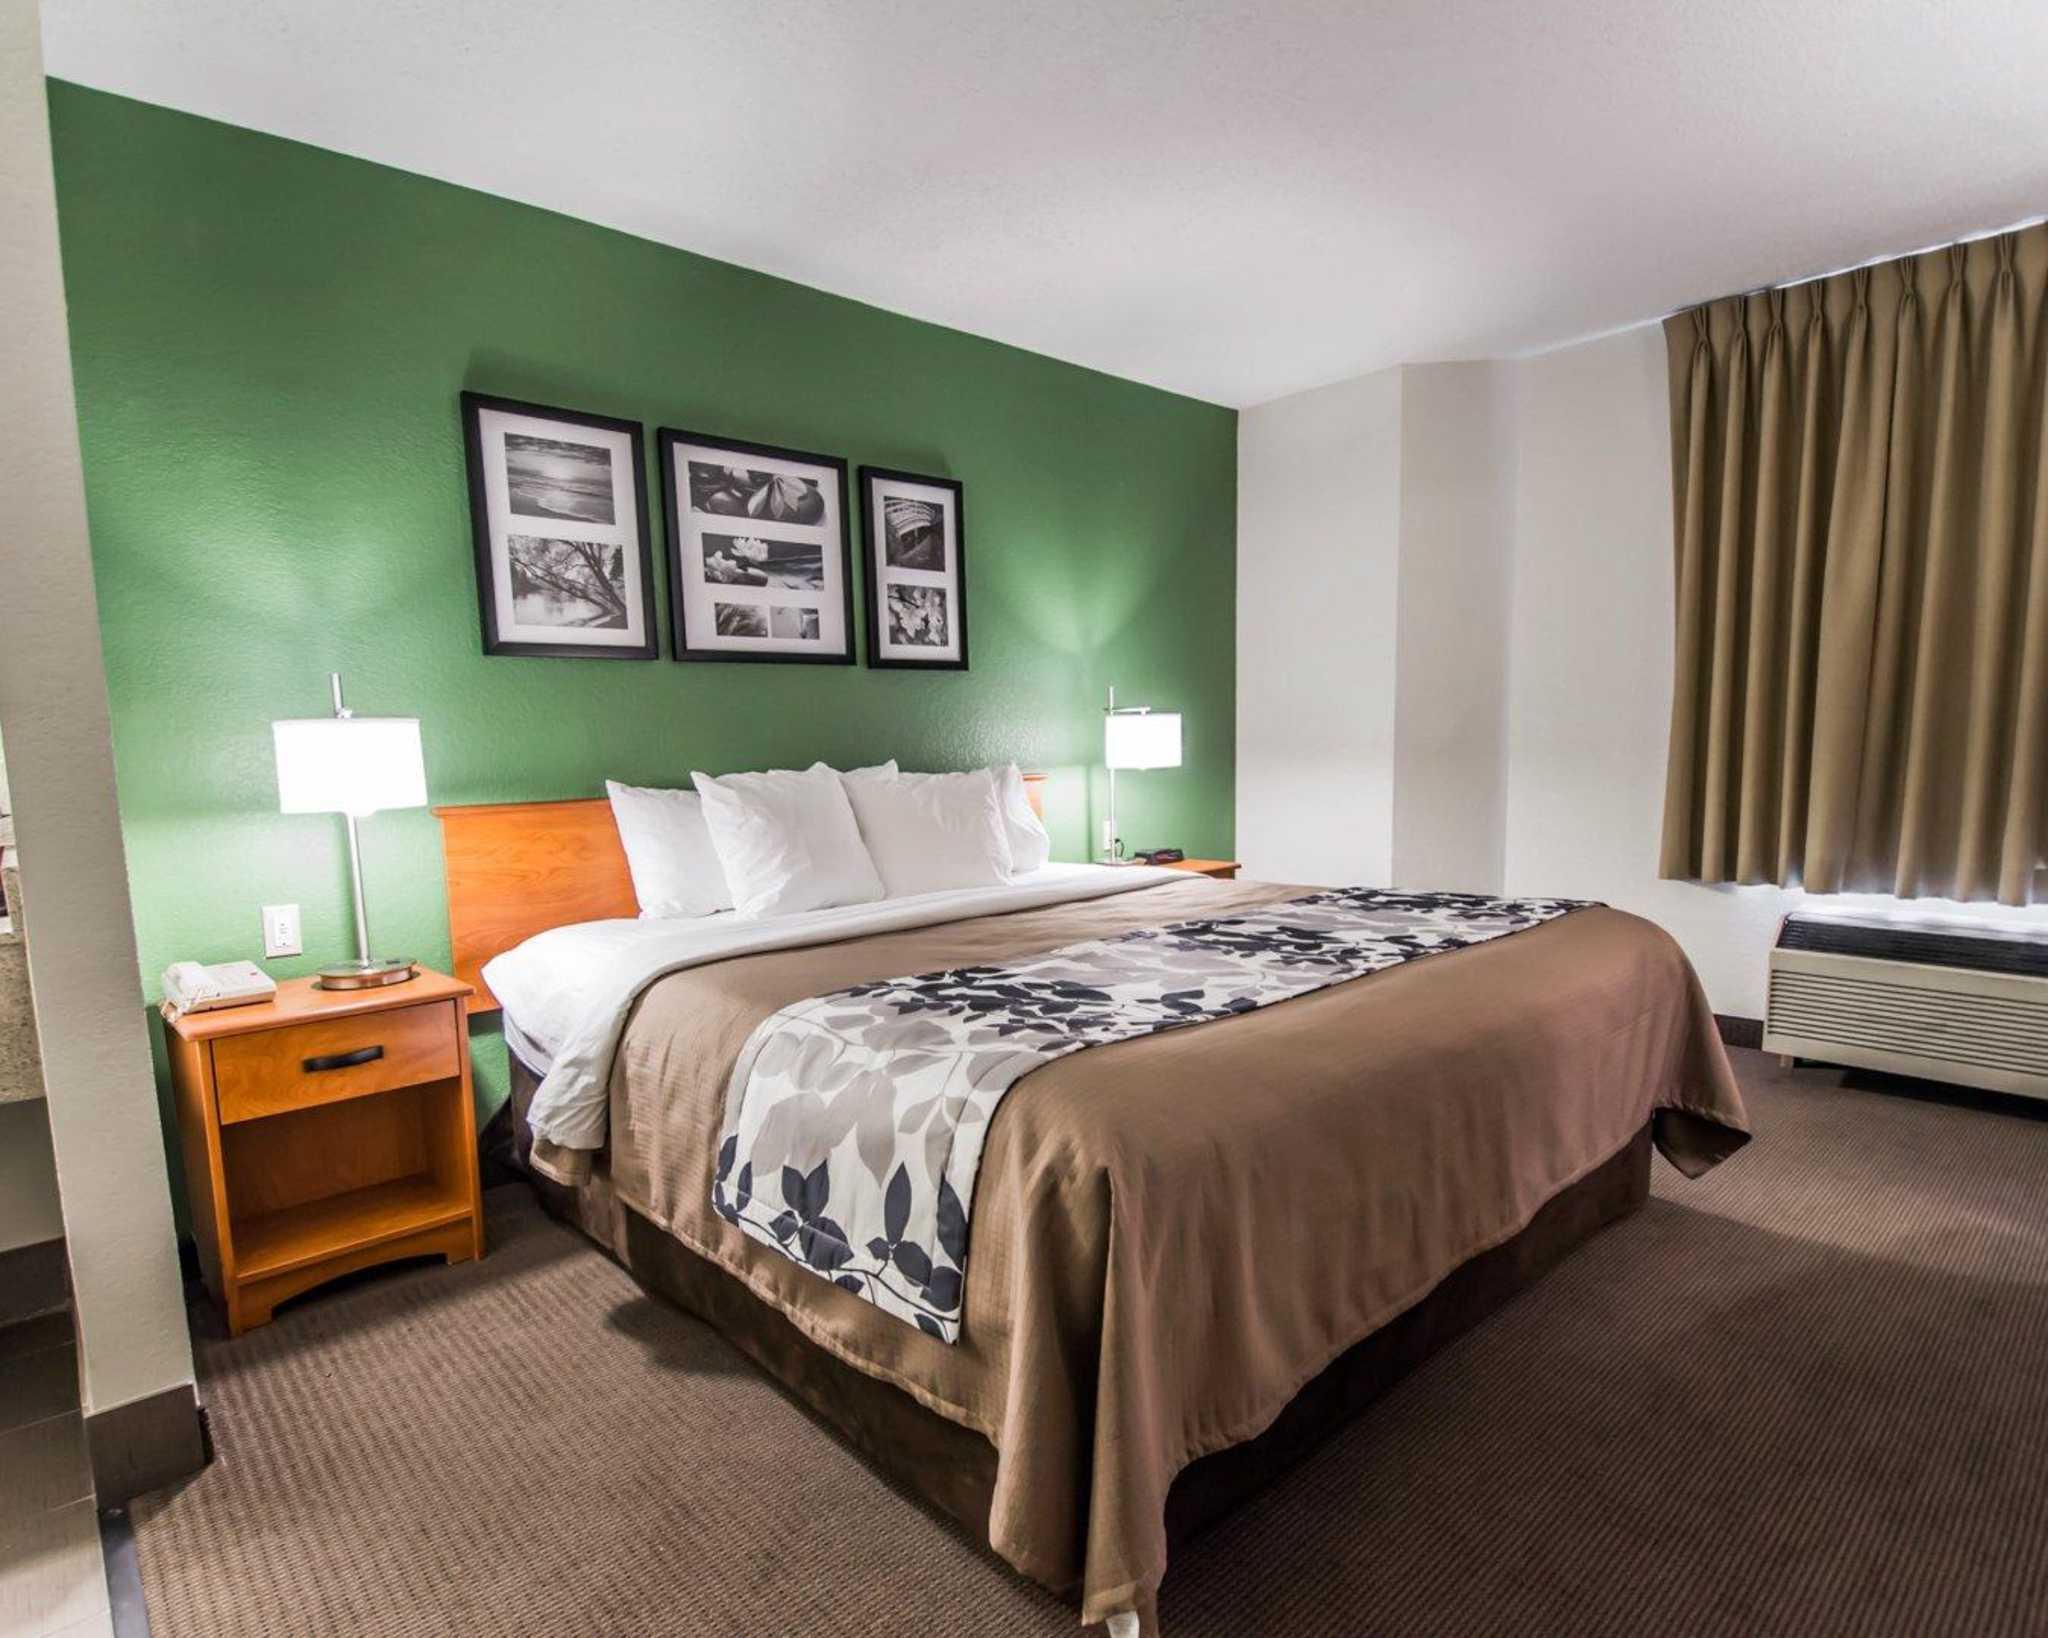 Sleep Inn image 5